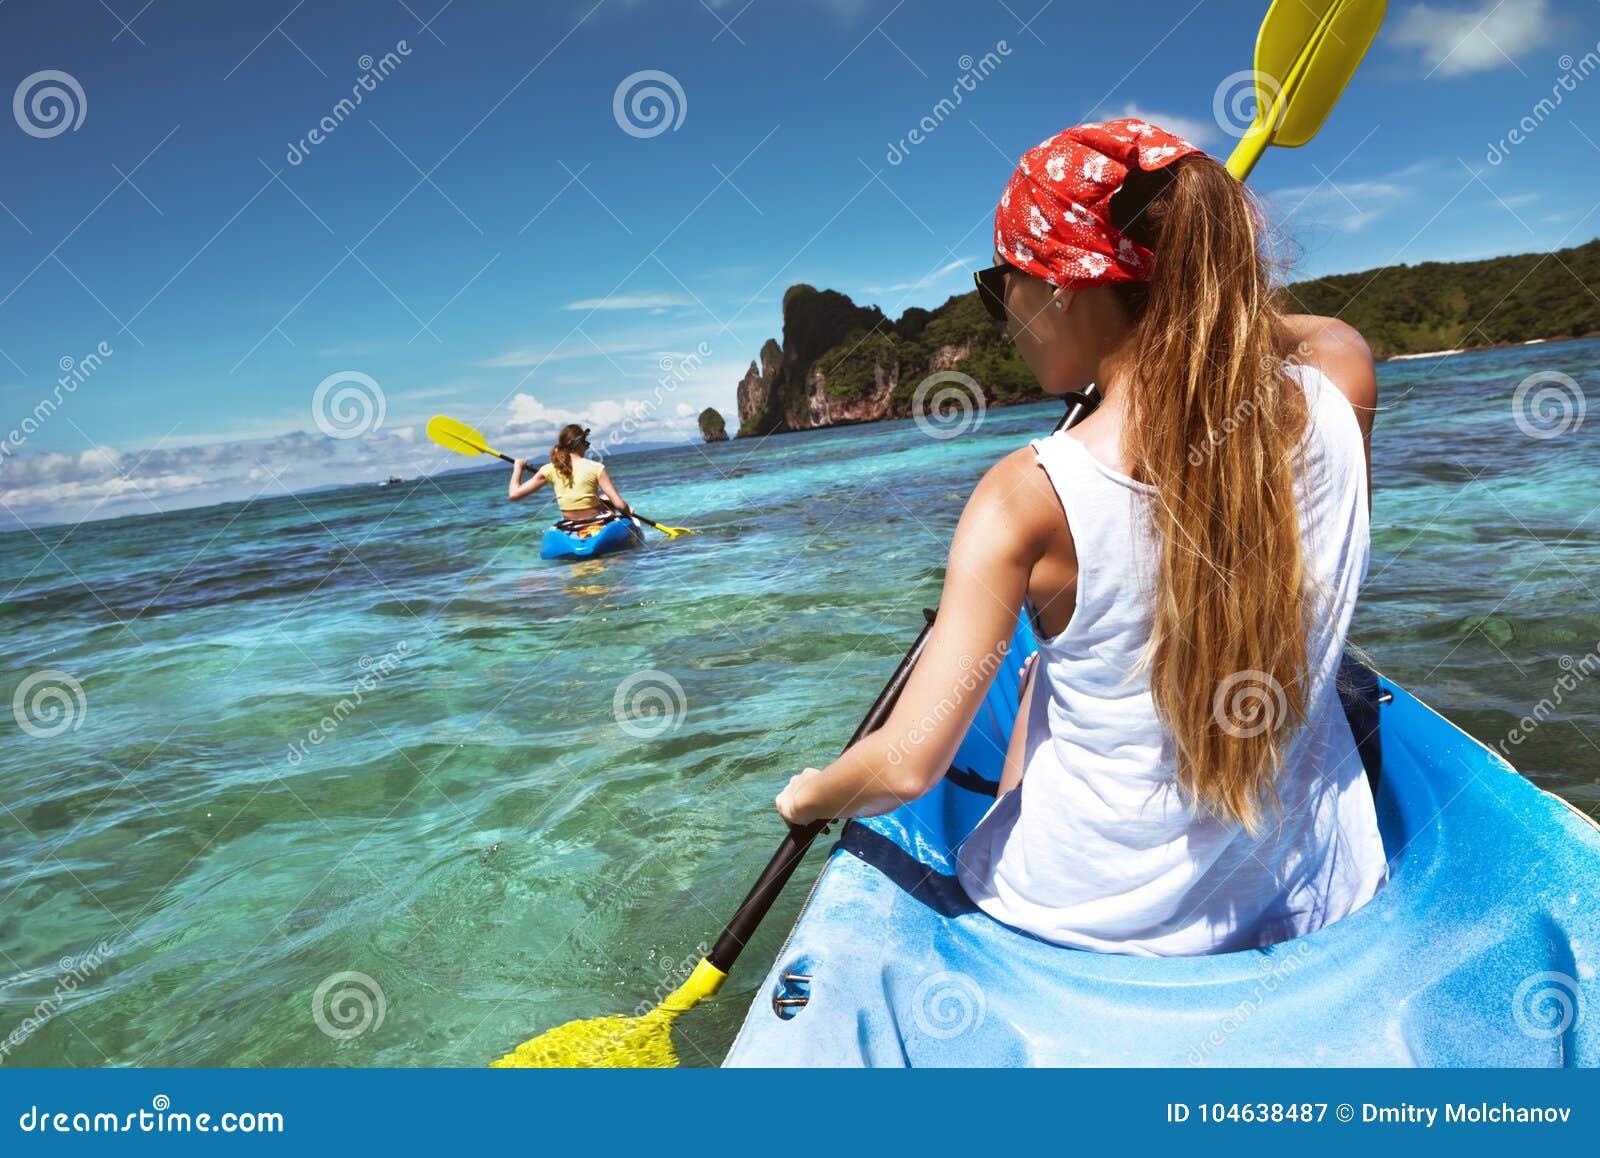 Download Kayakingsreis In Phi-Phi Don Krabi Met Twee Dames Stock Afbeelding - Afbeelding bestaande uit levensstijl, actief: 104638487